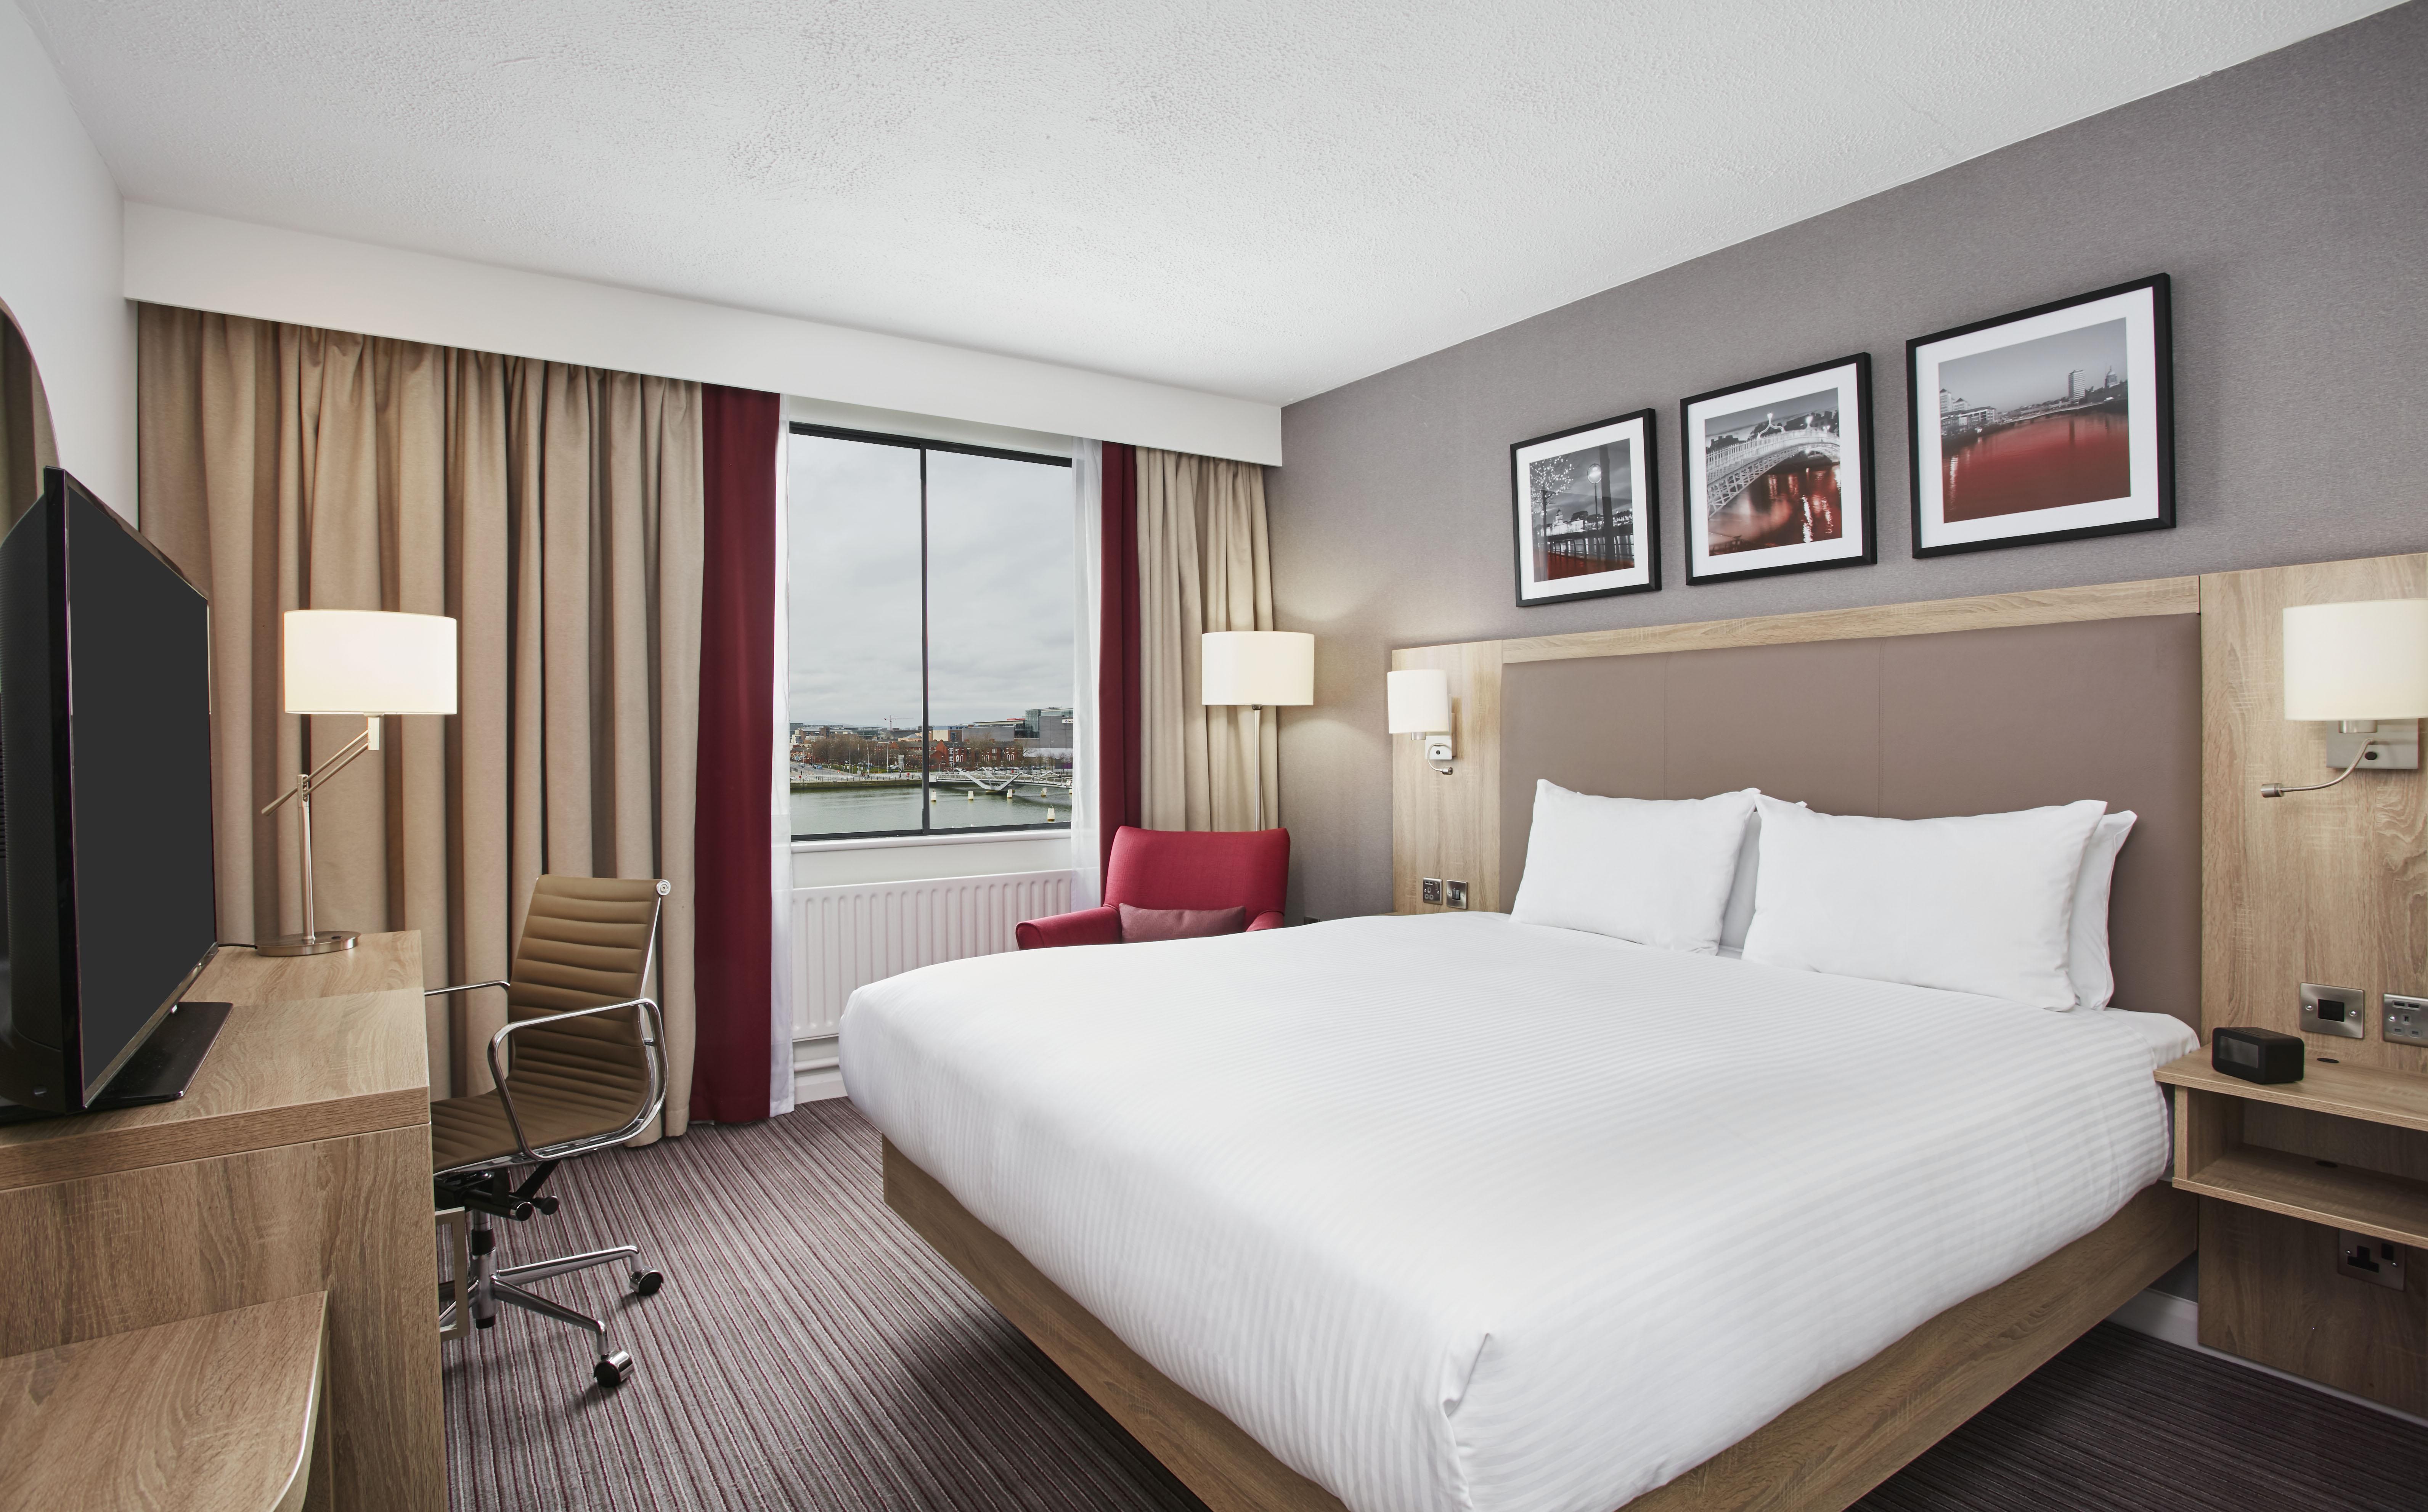 Hilton Garden Inn by Hilton Hospitality Net